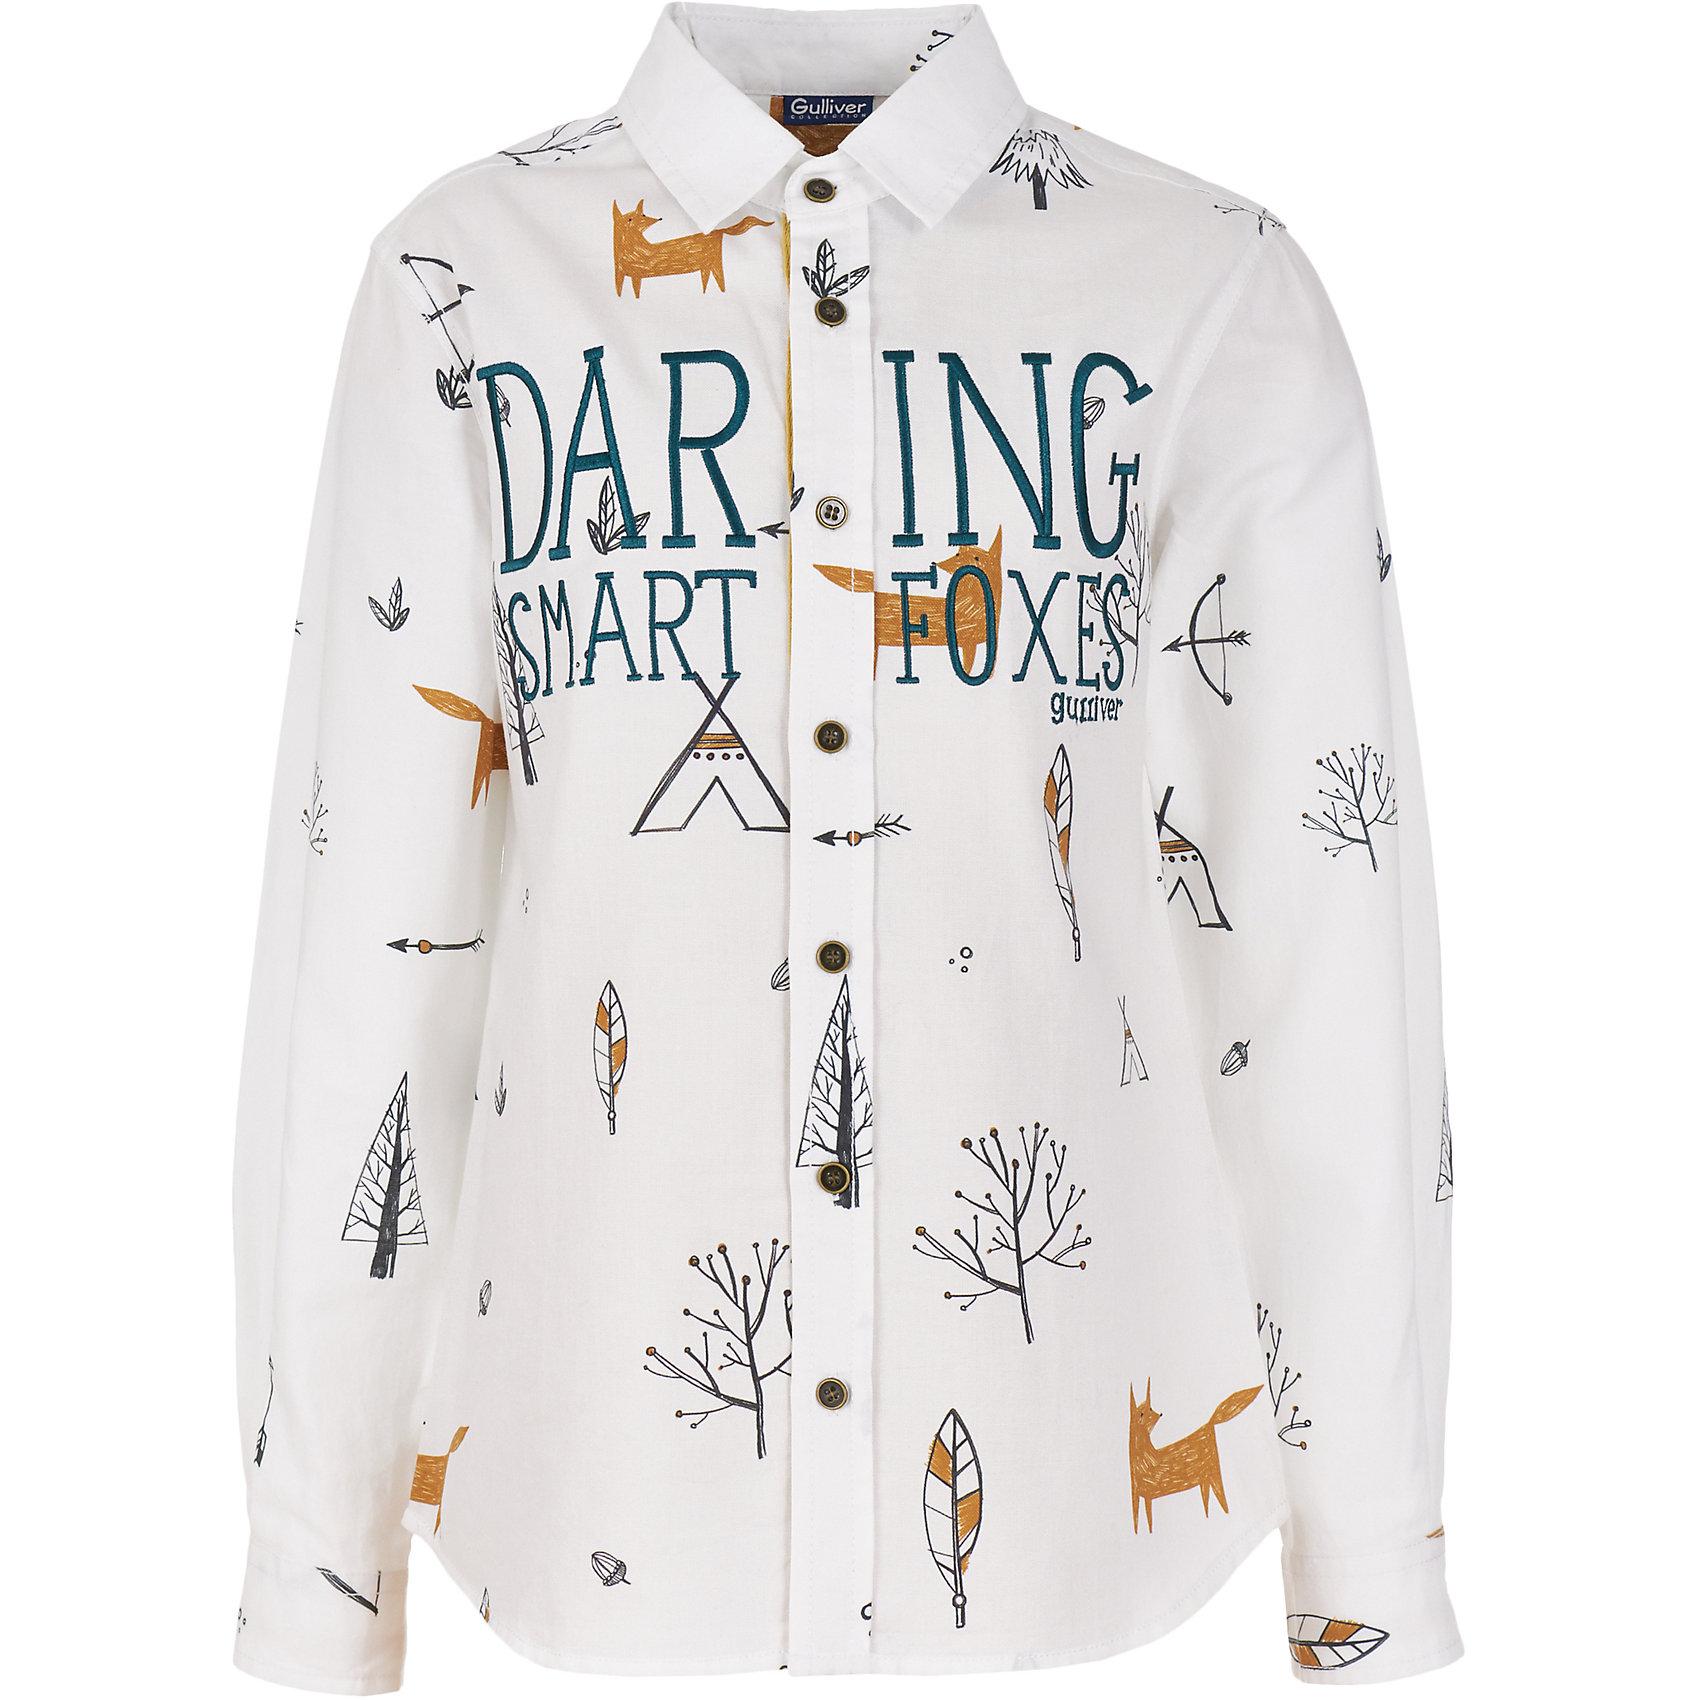 Сорочка Gulliver для мальчикаБлузки и рубашки<br>Сорочка Gulliver для мальчика<br>Детские футболки - основа повседневного гардероба! Удобные и практичные, трикотажные футболки способны добавить образу изюминку, а также подарить комфорт и свободу движений. Если вы хотите приобрести интересную и нужную вещь на каждый день, вам стоит купить футболку с длинным рукавом. Модель с V-образной горловиной выполнена из мягкого однотонного трикотажа. Отделочные детали в полоску придают модели особый шарм и оригинальность. Эта футболка для мальчика не будет пылиться в шкафу, а станет самой любимой и востребованной вещью в осенне-зимнем гардеробе ребенка.<br>Состав:<br>100% хлопок<br><br>Ширина мм: 174<br>Глубина мм: 10<br>Высота мм: 169<br>Вес г: 157<br>Цвет: белый<br>Возраст от месяцев: 108<br>Возраст до месяцев: 120<br>Пол: Мужской<br>Возраст: Детский<br>Размер: 140,122,128,134<br>SKU: 7076964